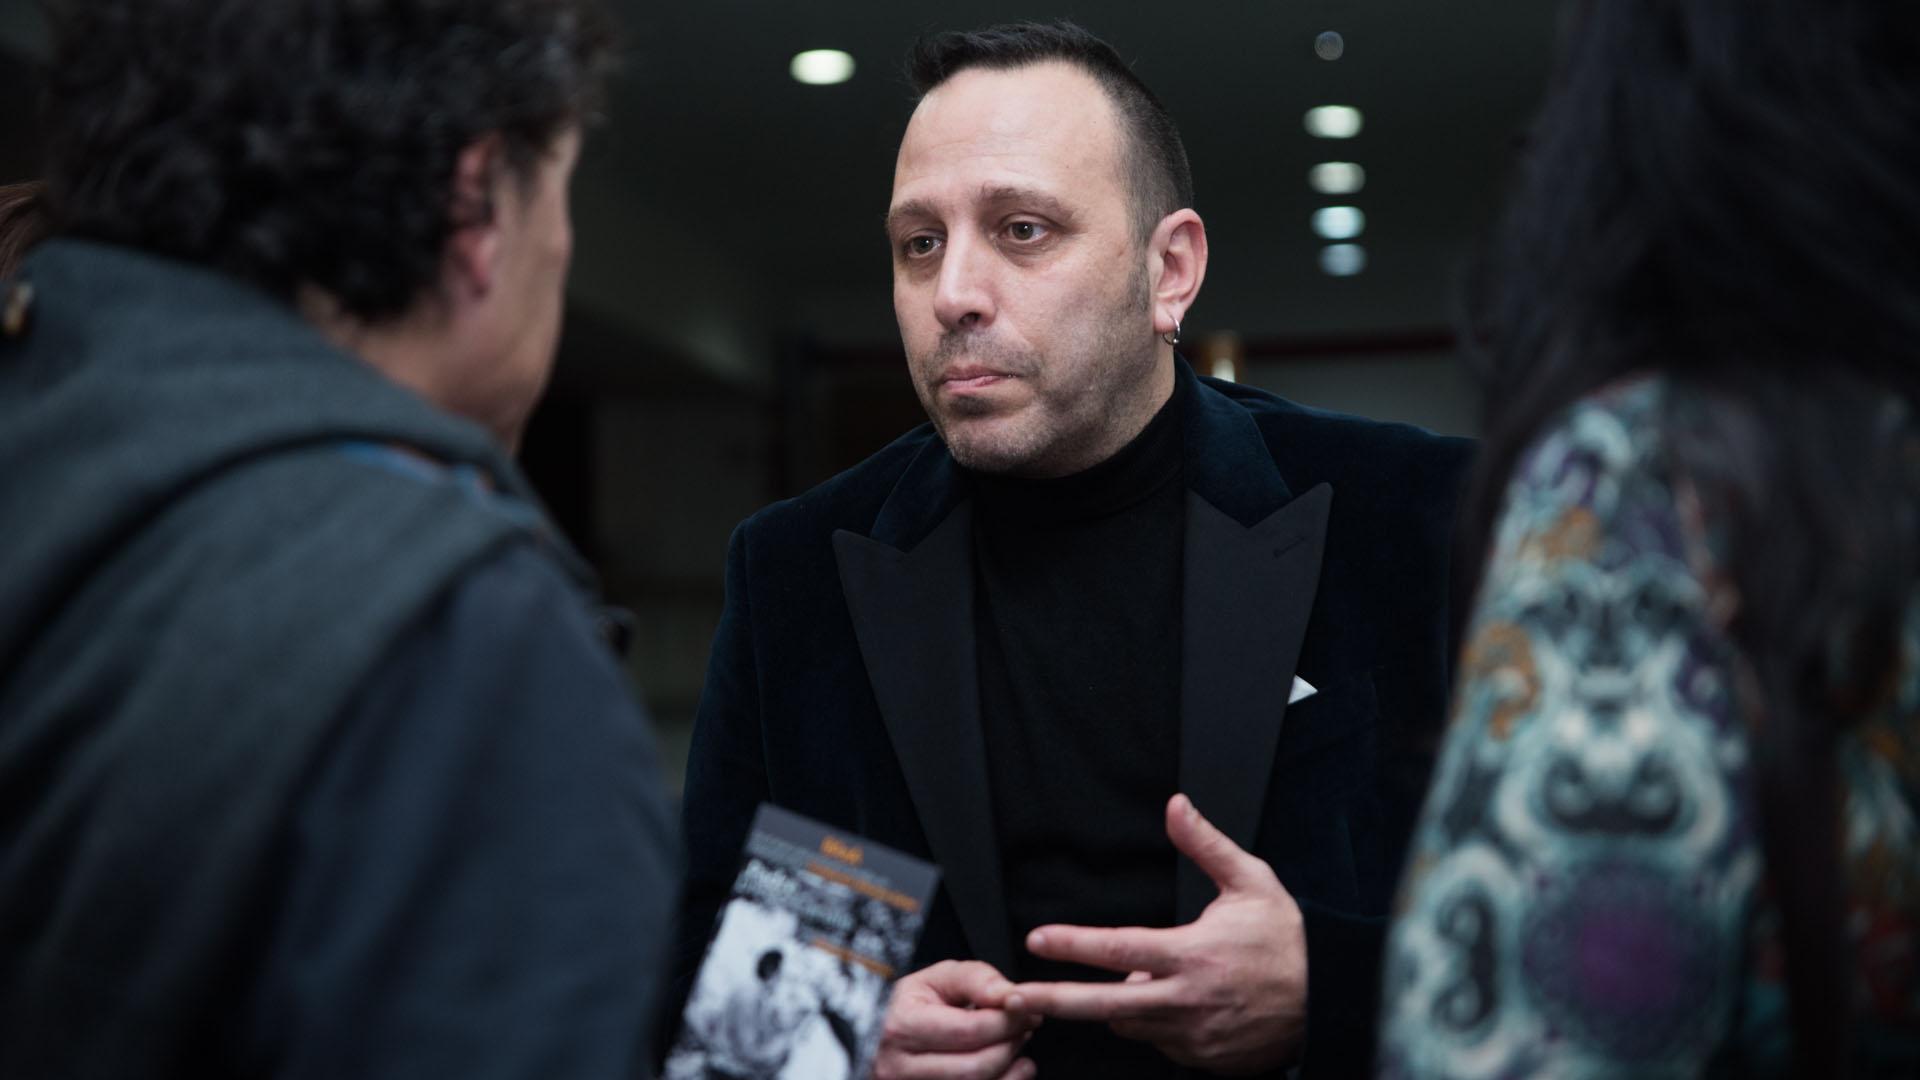 Alejandro Palacios, el autor de las fotos